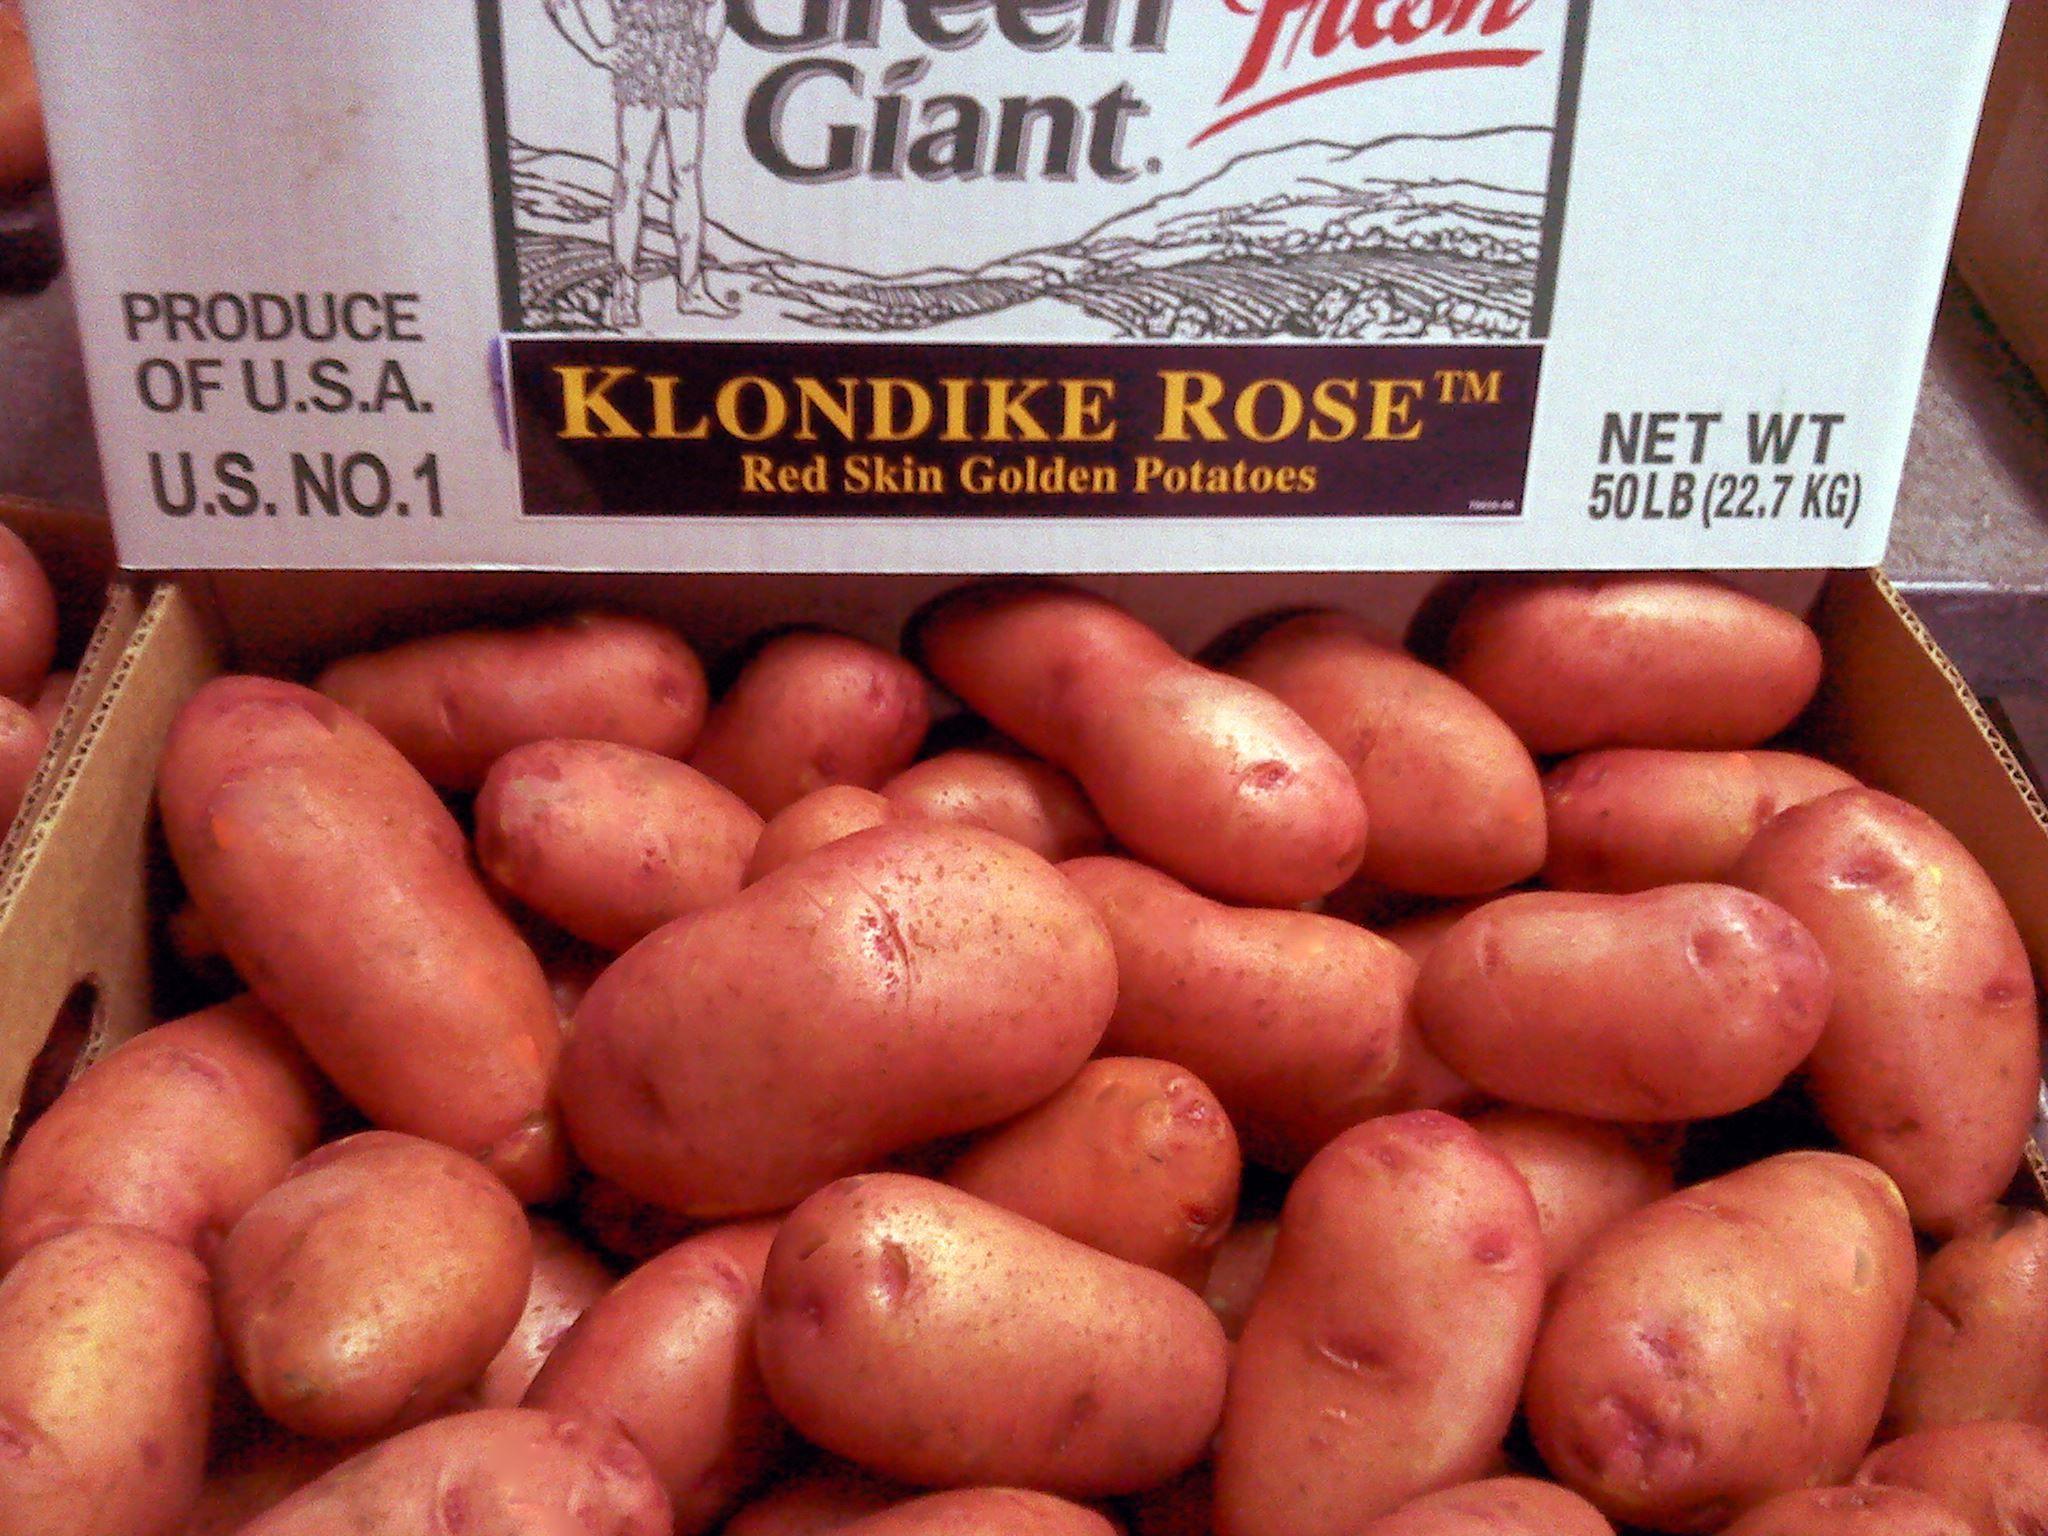 Ever wonder why potatoes turn green? Potatoes turn green